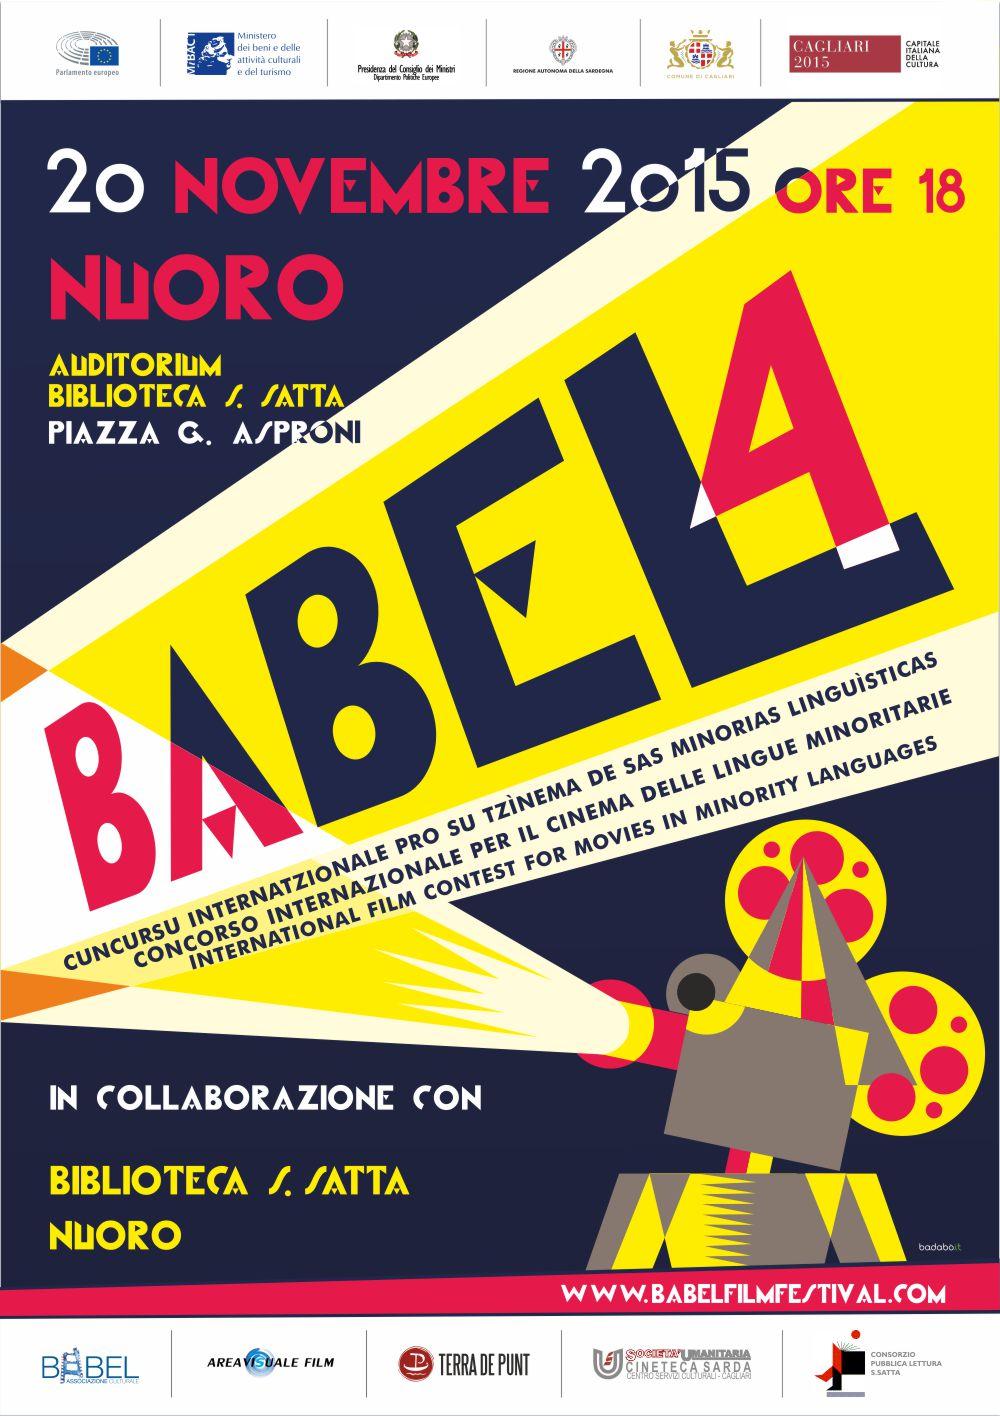 BABEL 2015 - Locandina A3 ITALYMBAS NUORO 20.jpg